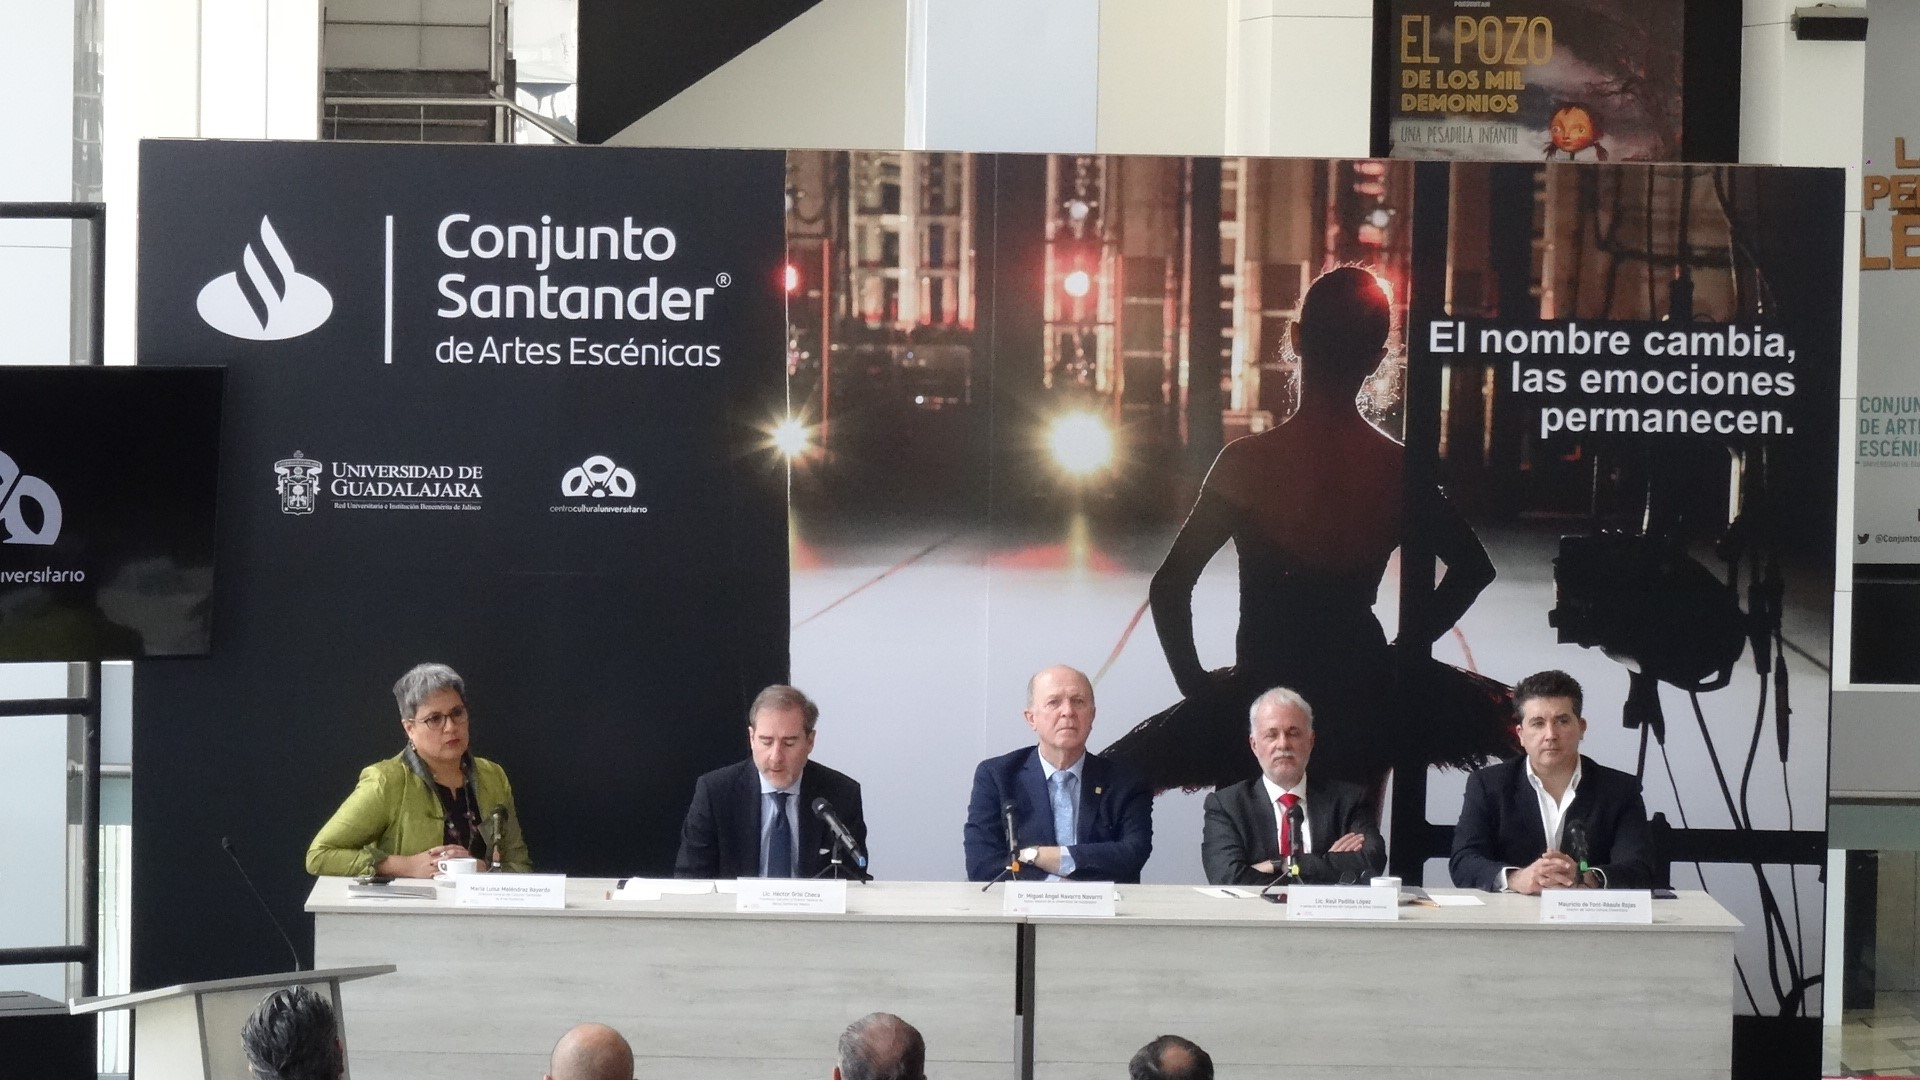 Universidad de Guadalajara y Banco Santander México anuncian alianza para impulsar cultura y artes en el  Conjunto de Artes Escénicas